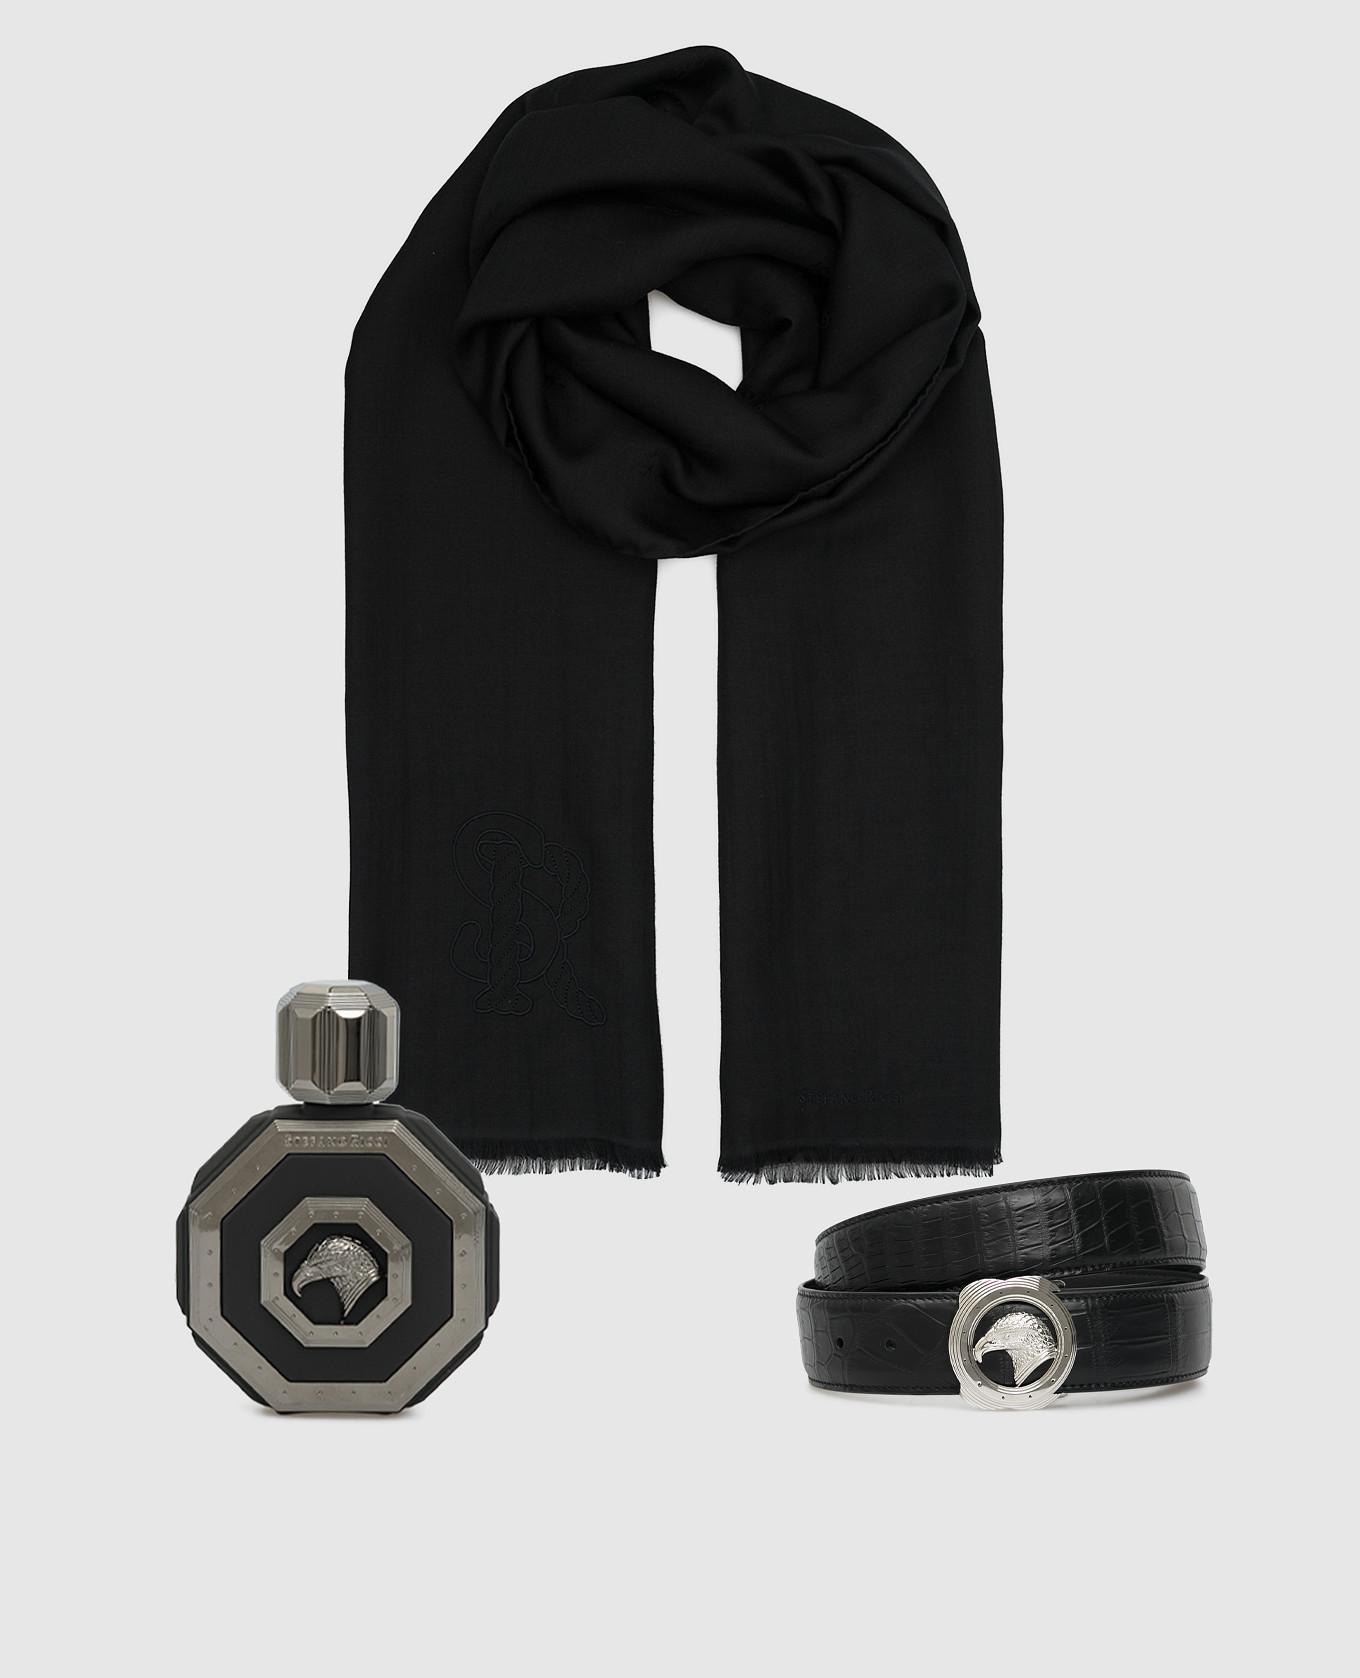 Подарочный набор: парфюмированная вода Royal Eagle Black, ремень из кожи крокодила и шарф из кашемира и шелка Stefano Ricci